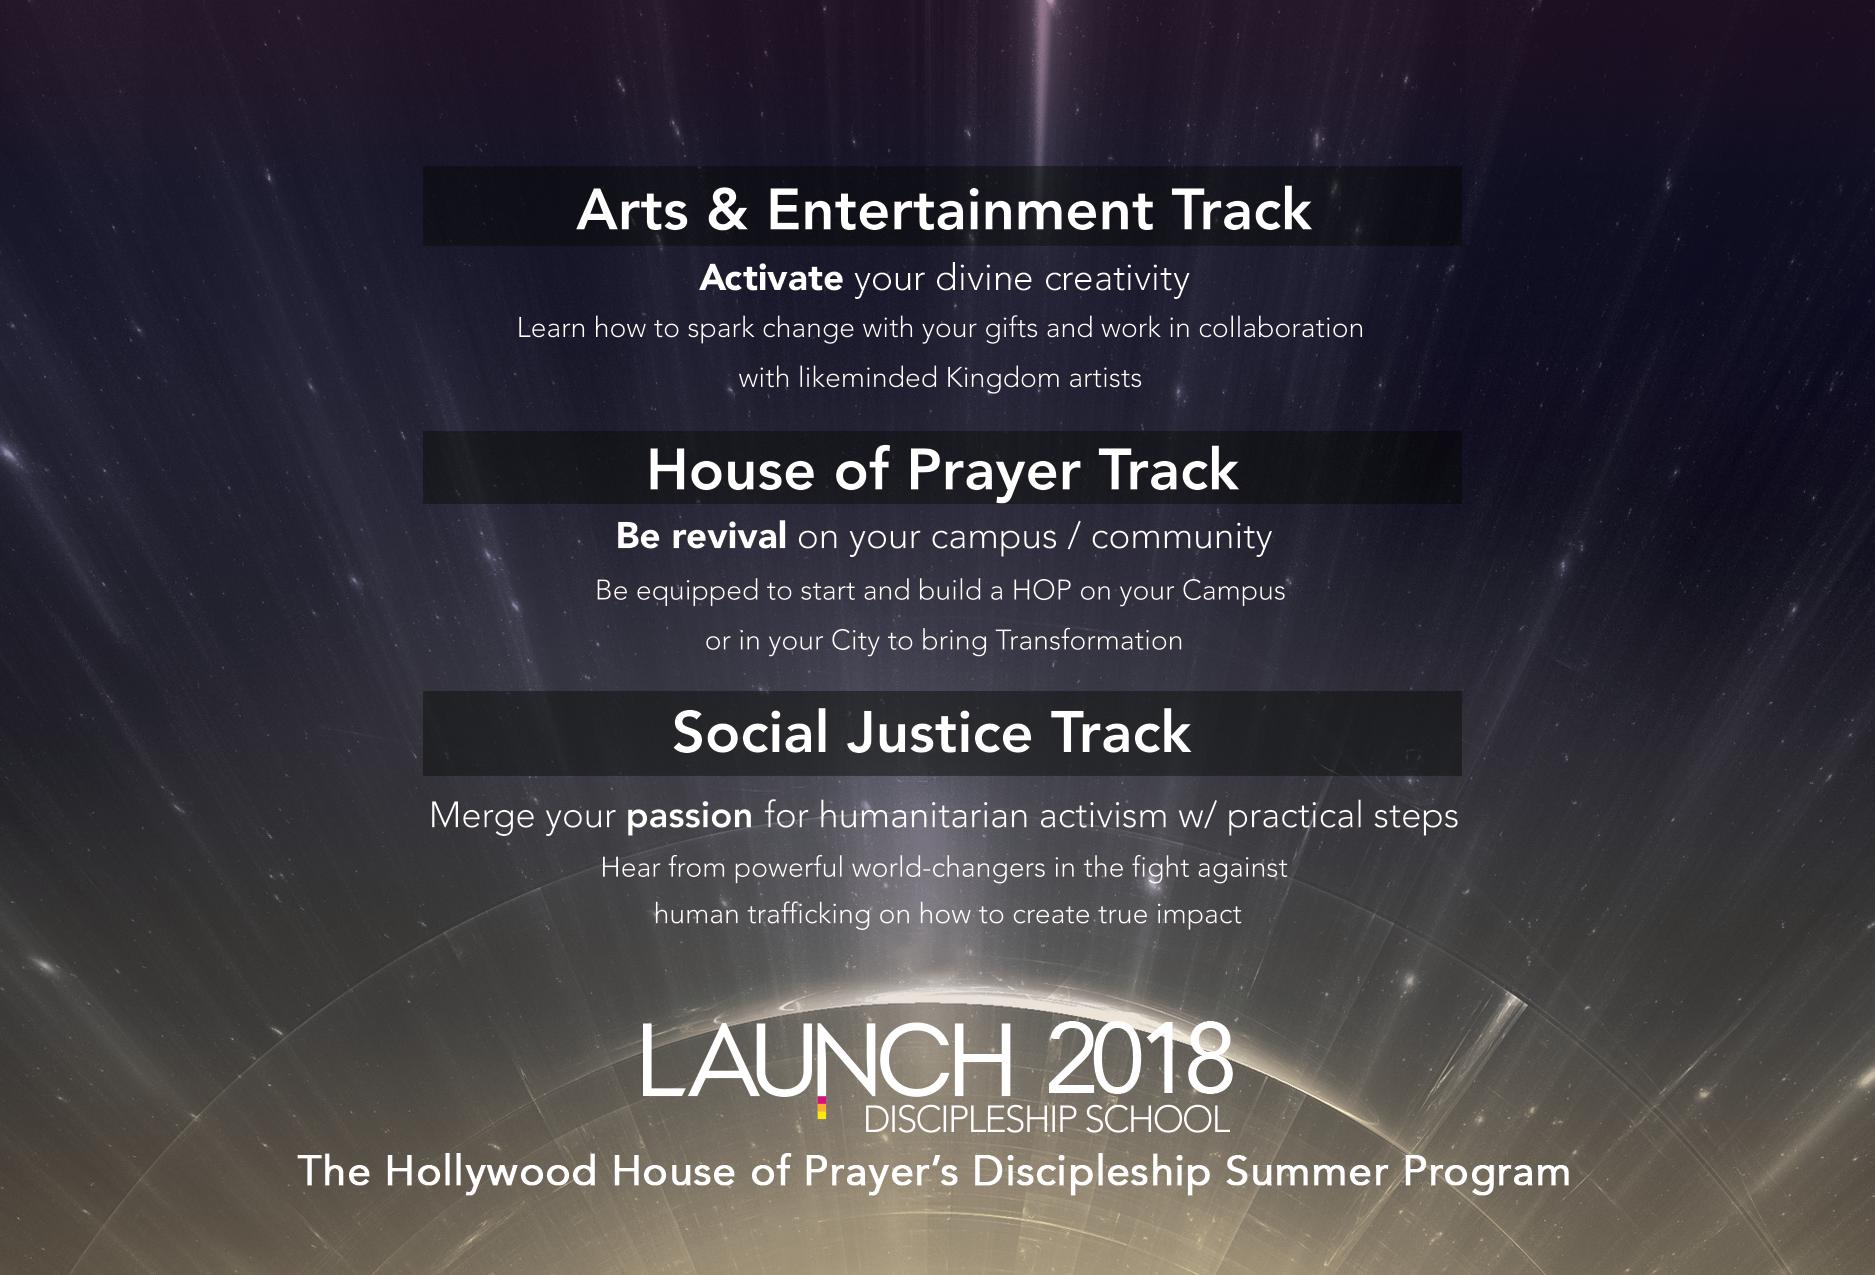 launch2018_flyer_back_v2.png